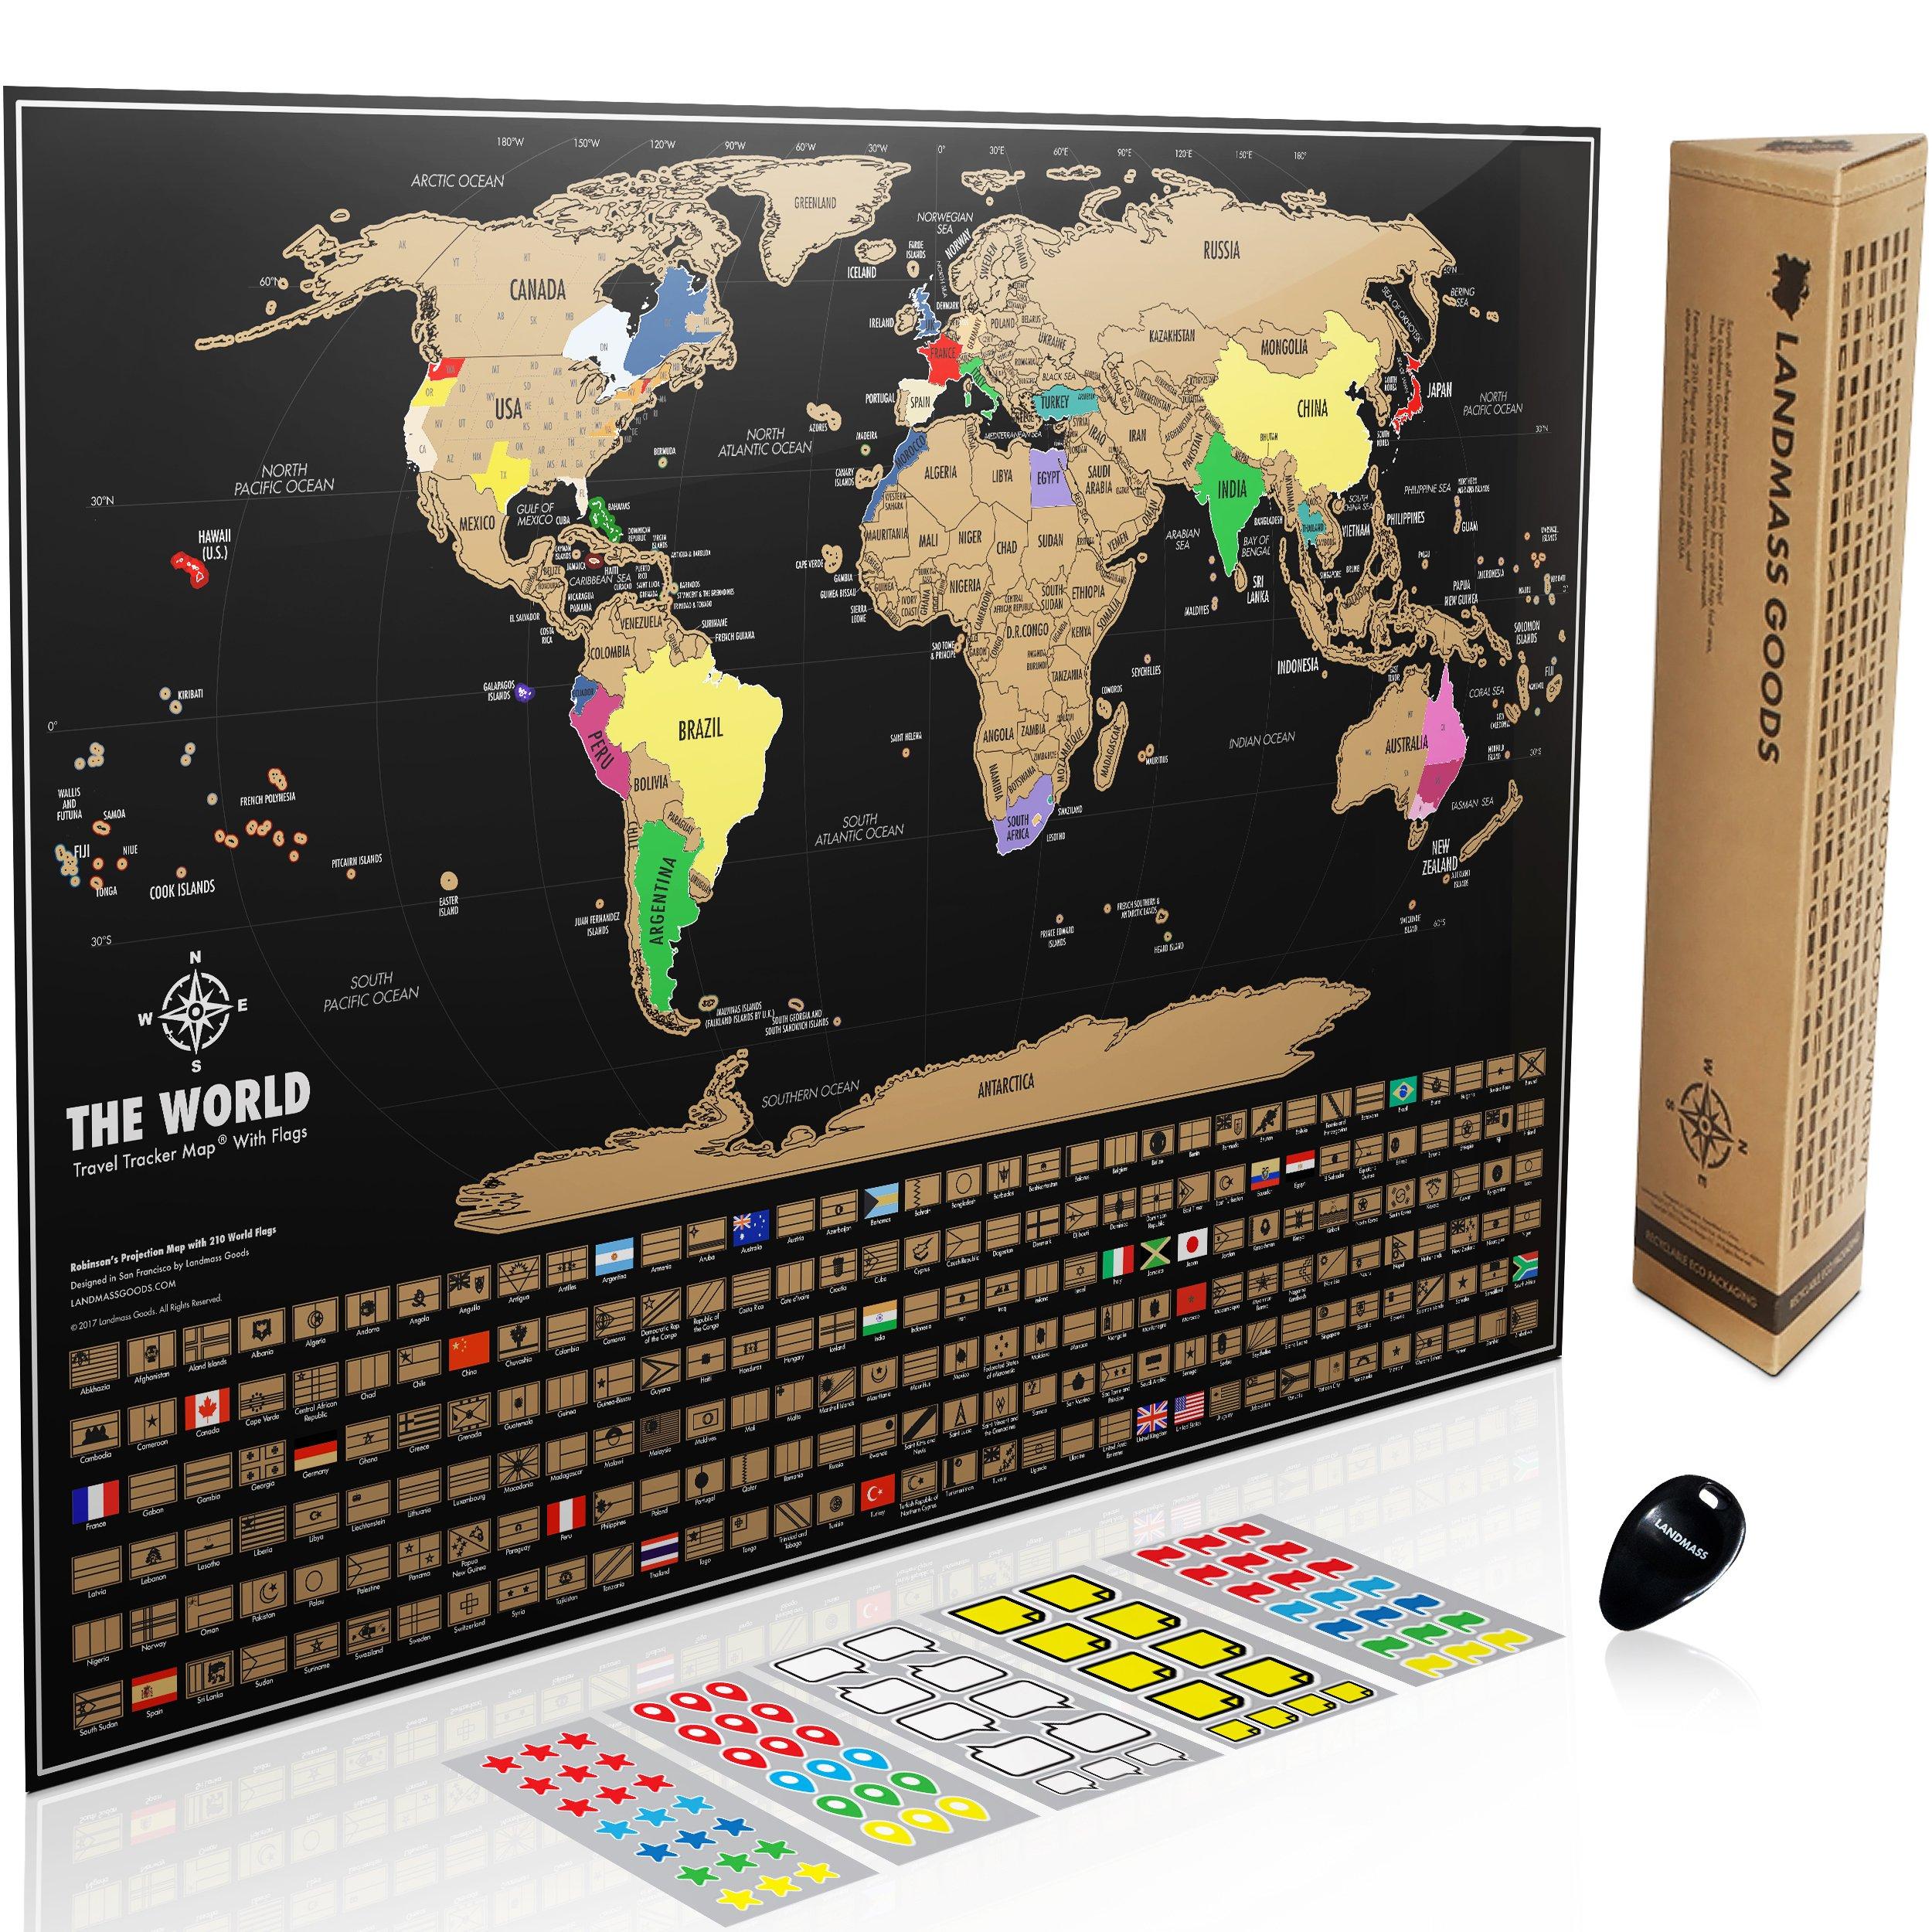 Scratch Off World Map Landmass Scratch Off World Map Poster. Original Travel Tracker Map  Scratch Off World Map